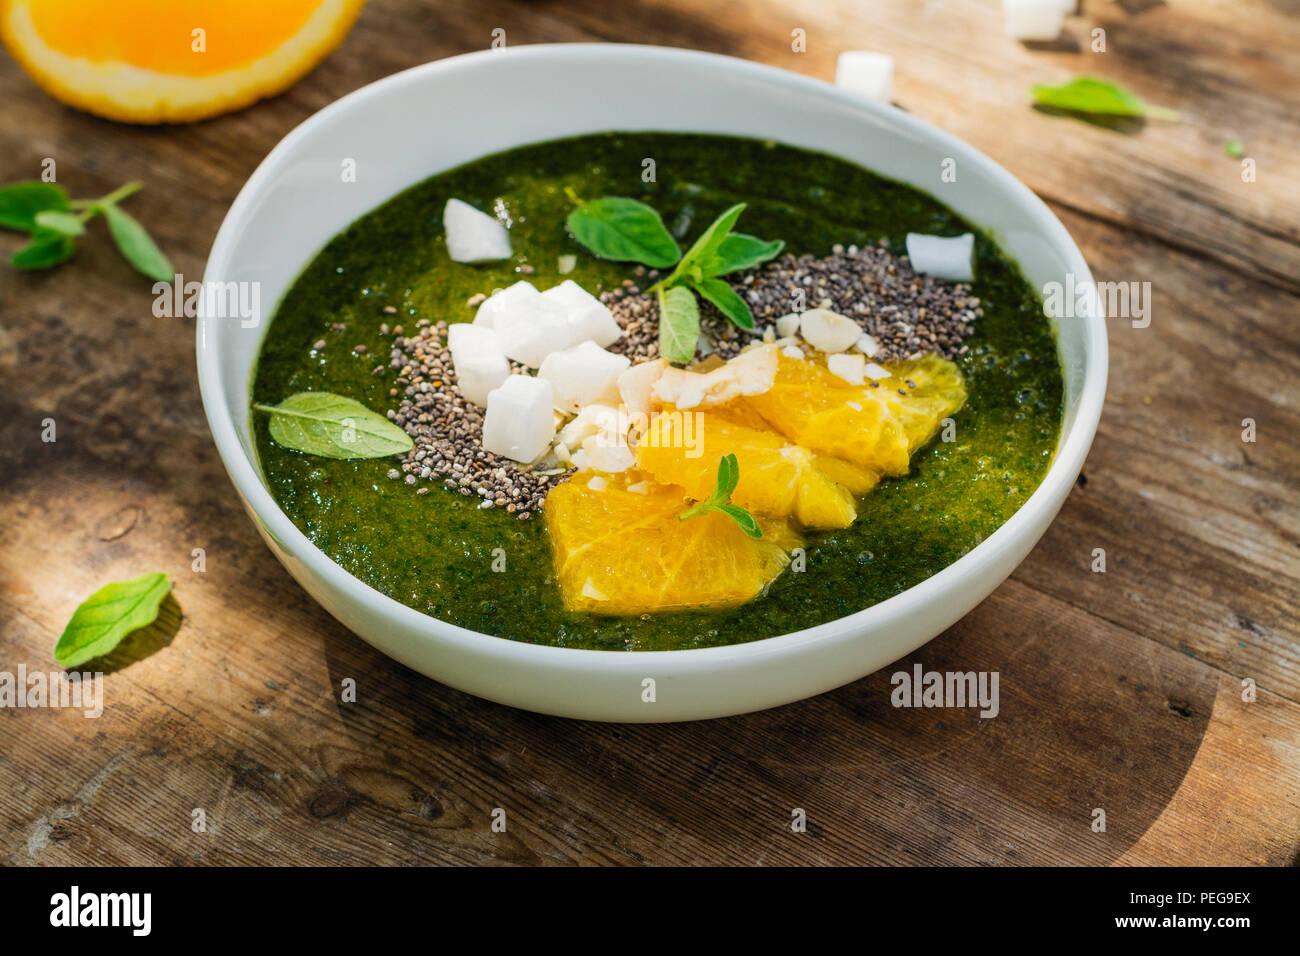 Bol avec banana smoothie vert, les épinards, les oranges et les graines de chia Photo Stock